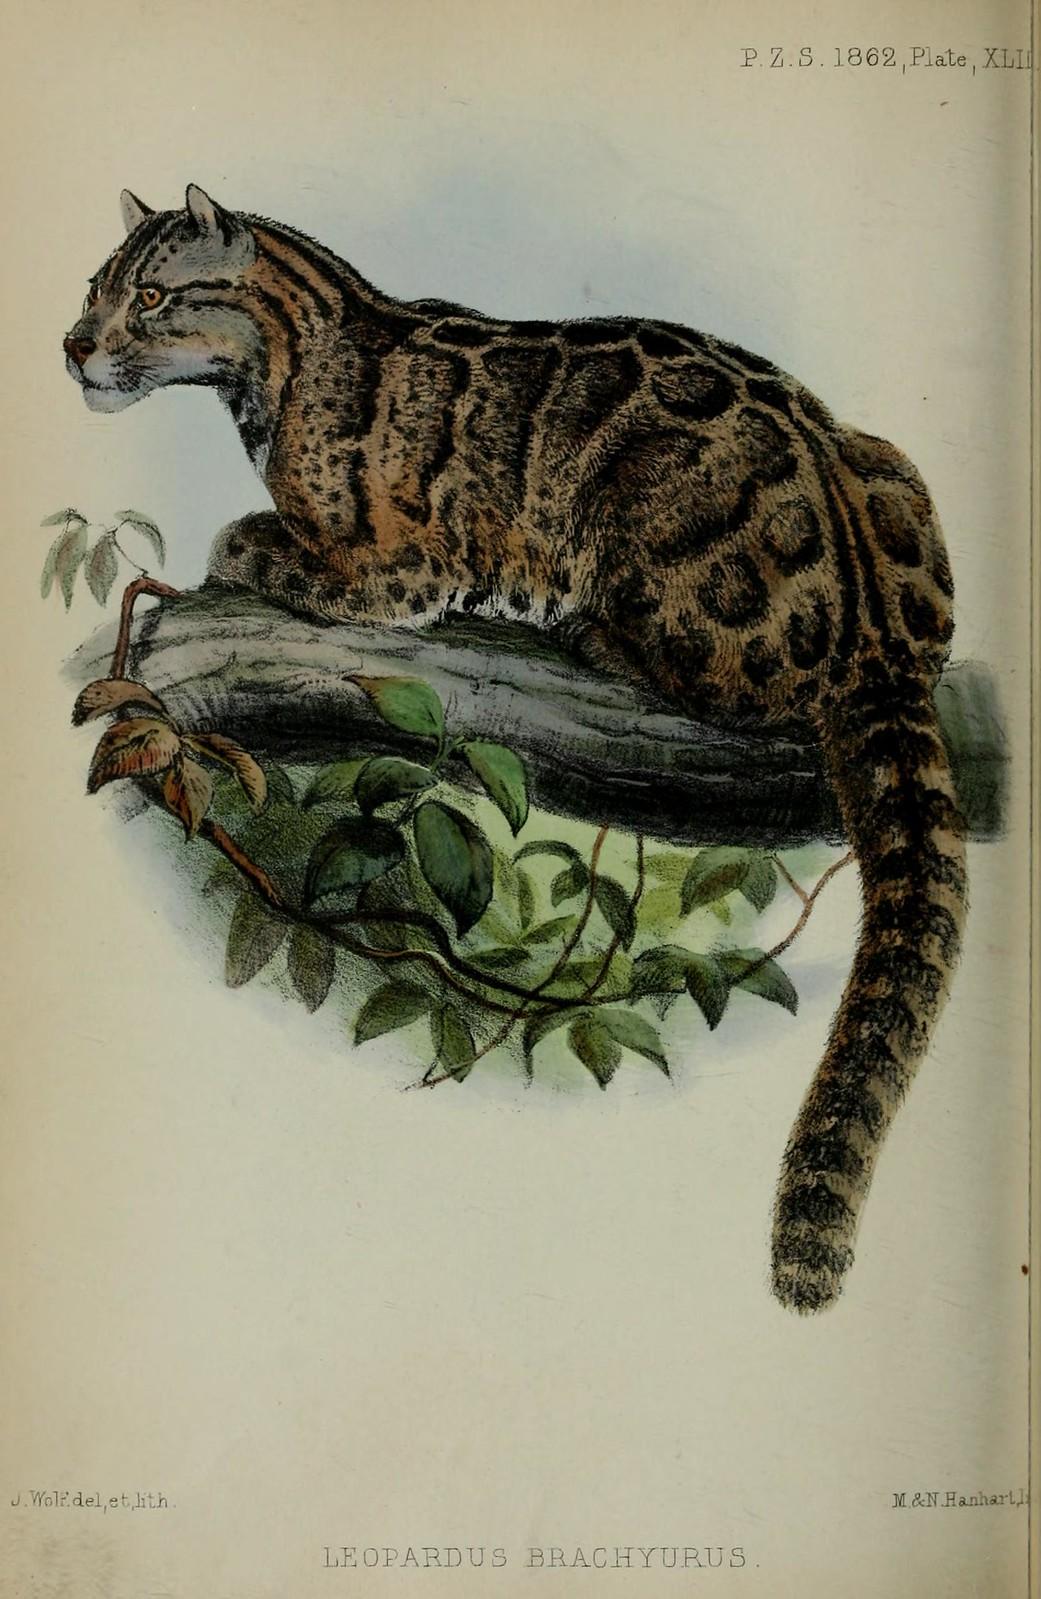 約瑟‧沃爾夫畫筆下的台灣雲豹,讓我們記住這個曾經是台灣住民的物種。圖片來源:台博館提供